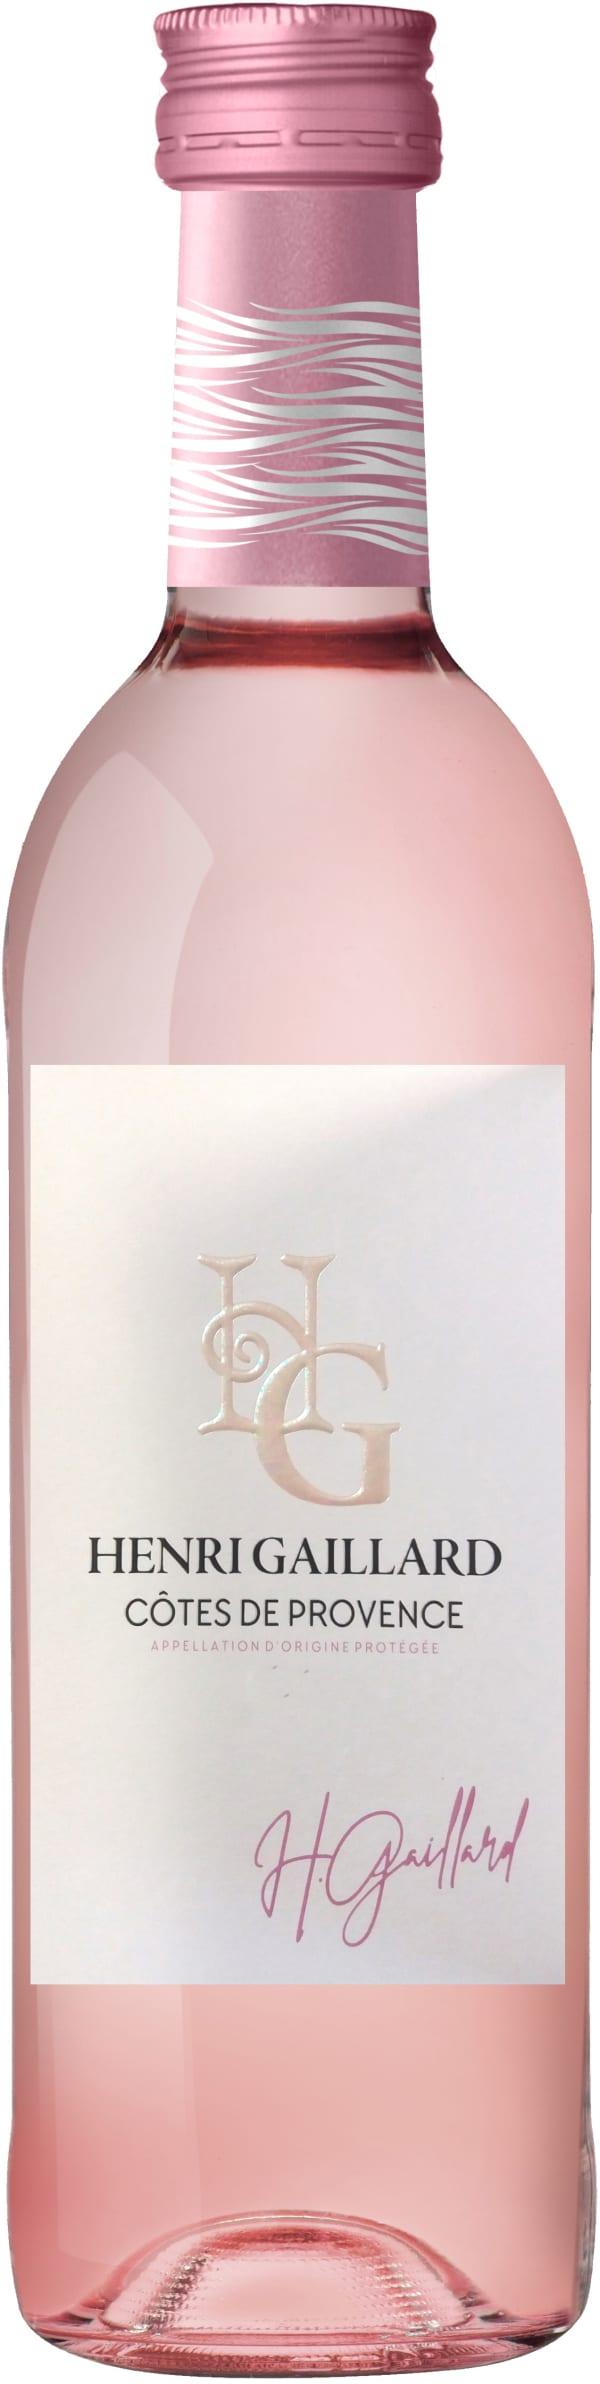 Henri Gaillard Côtes de Provence Rosé 2017